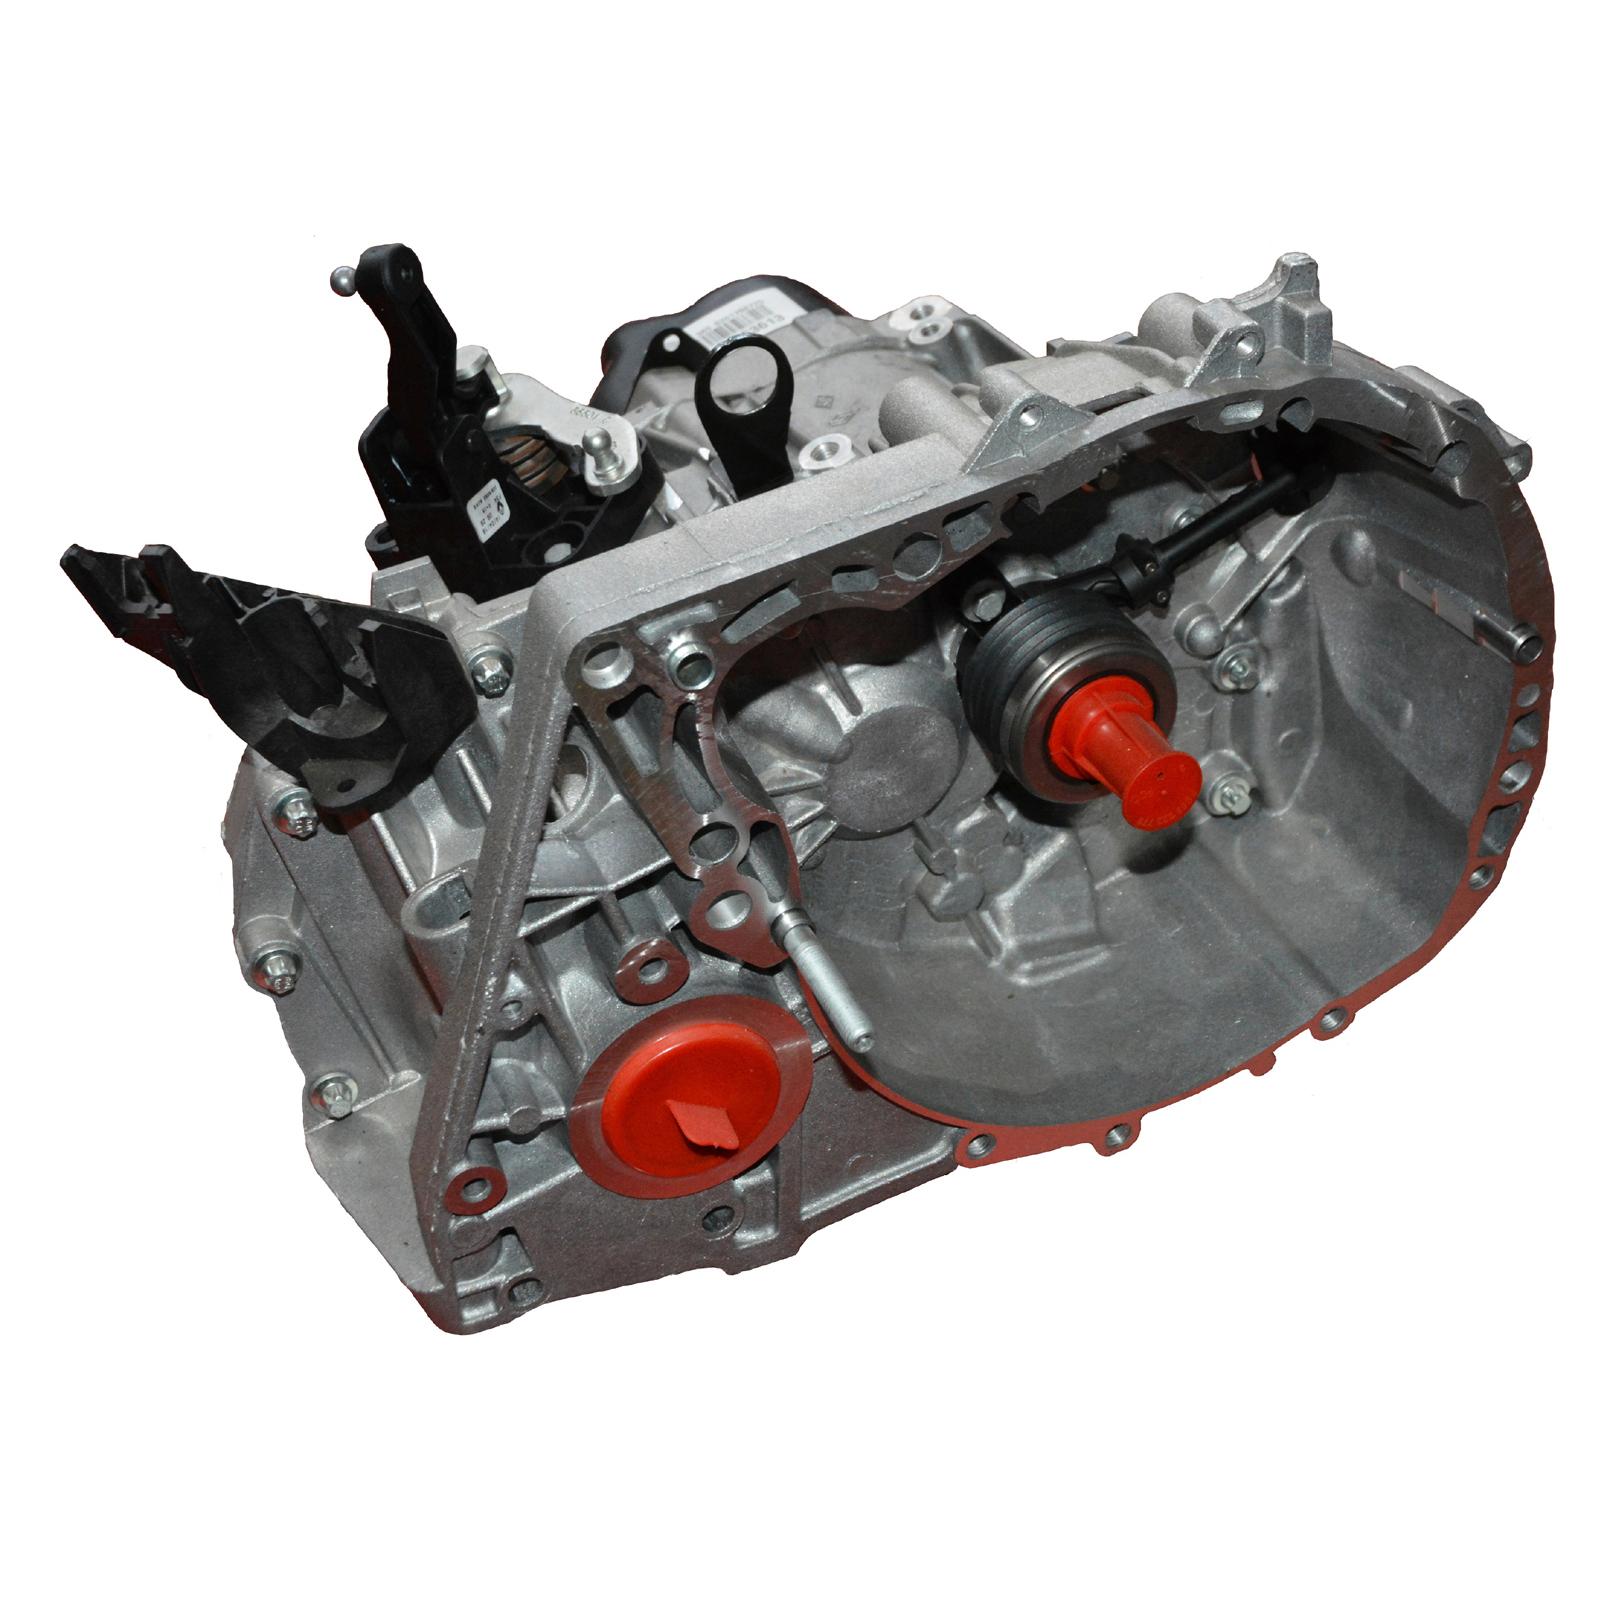 گیربکس رنو مدل JHQ-389